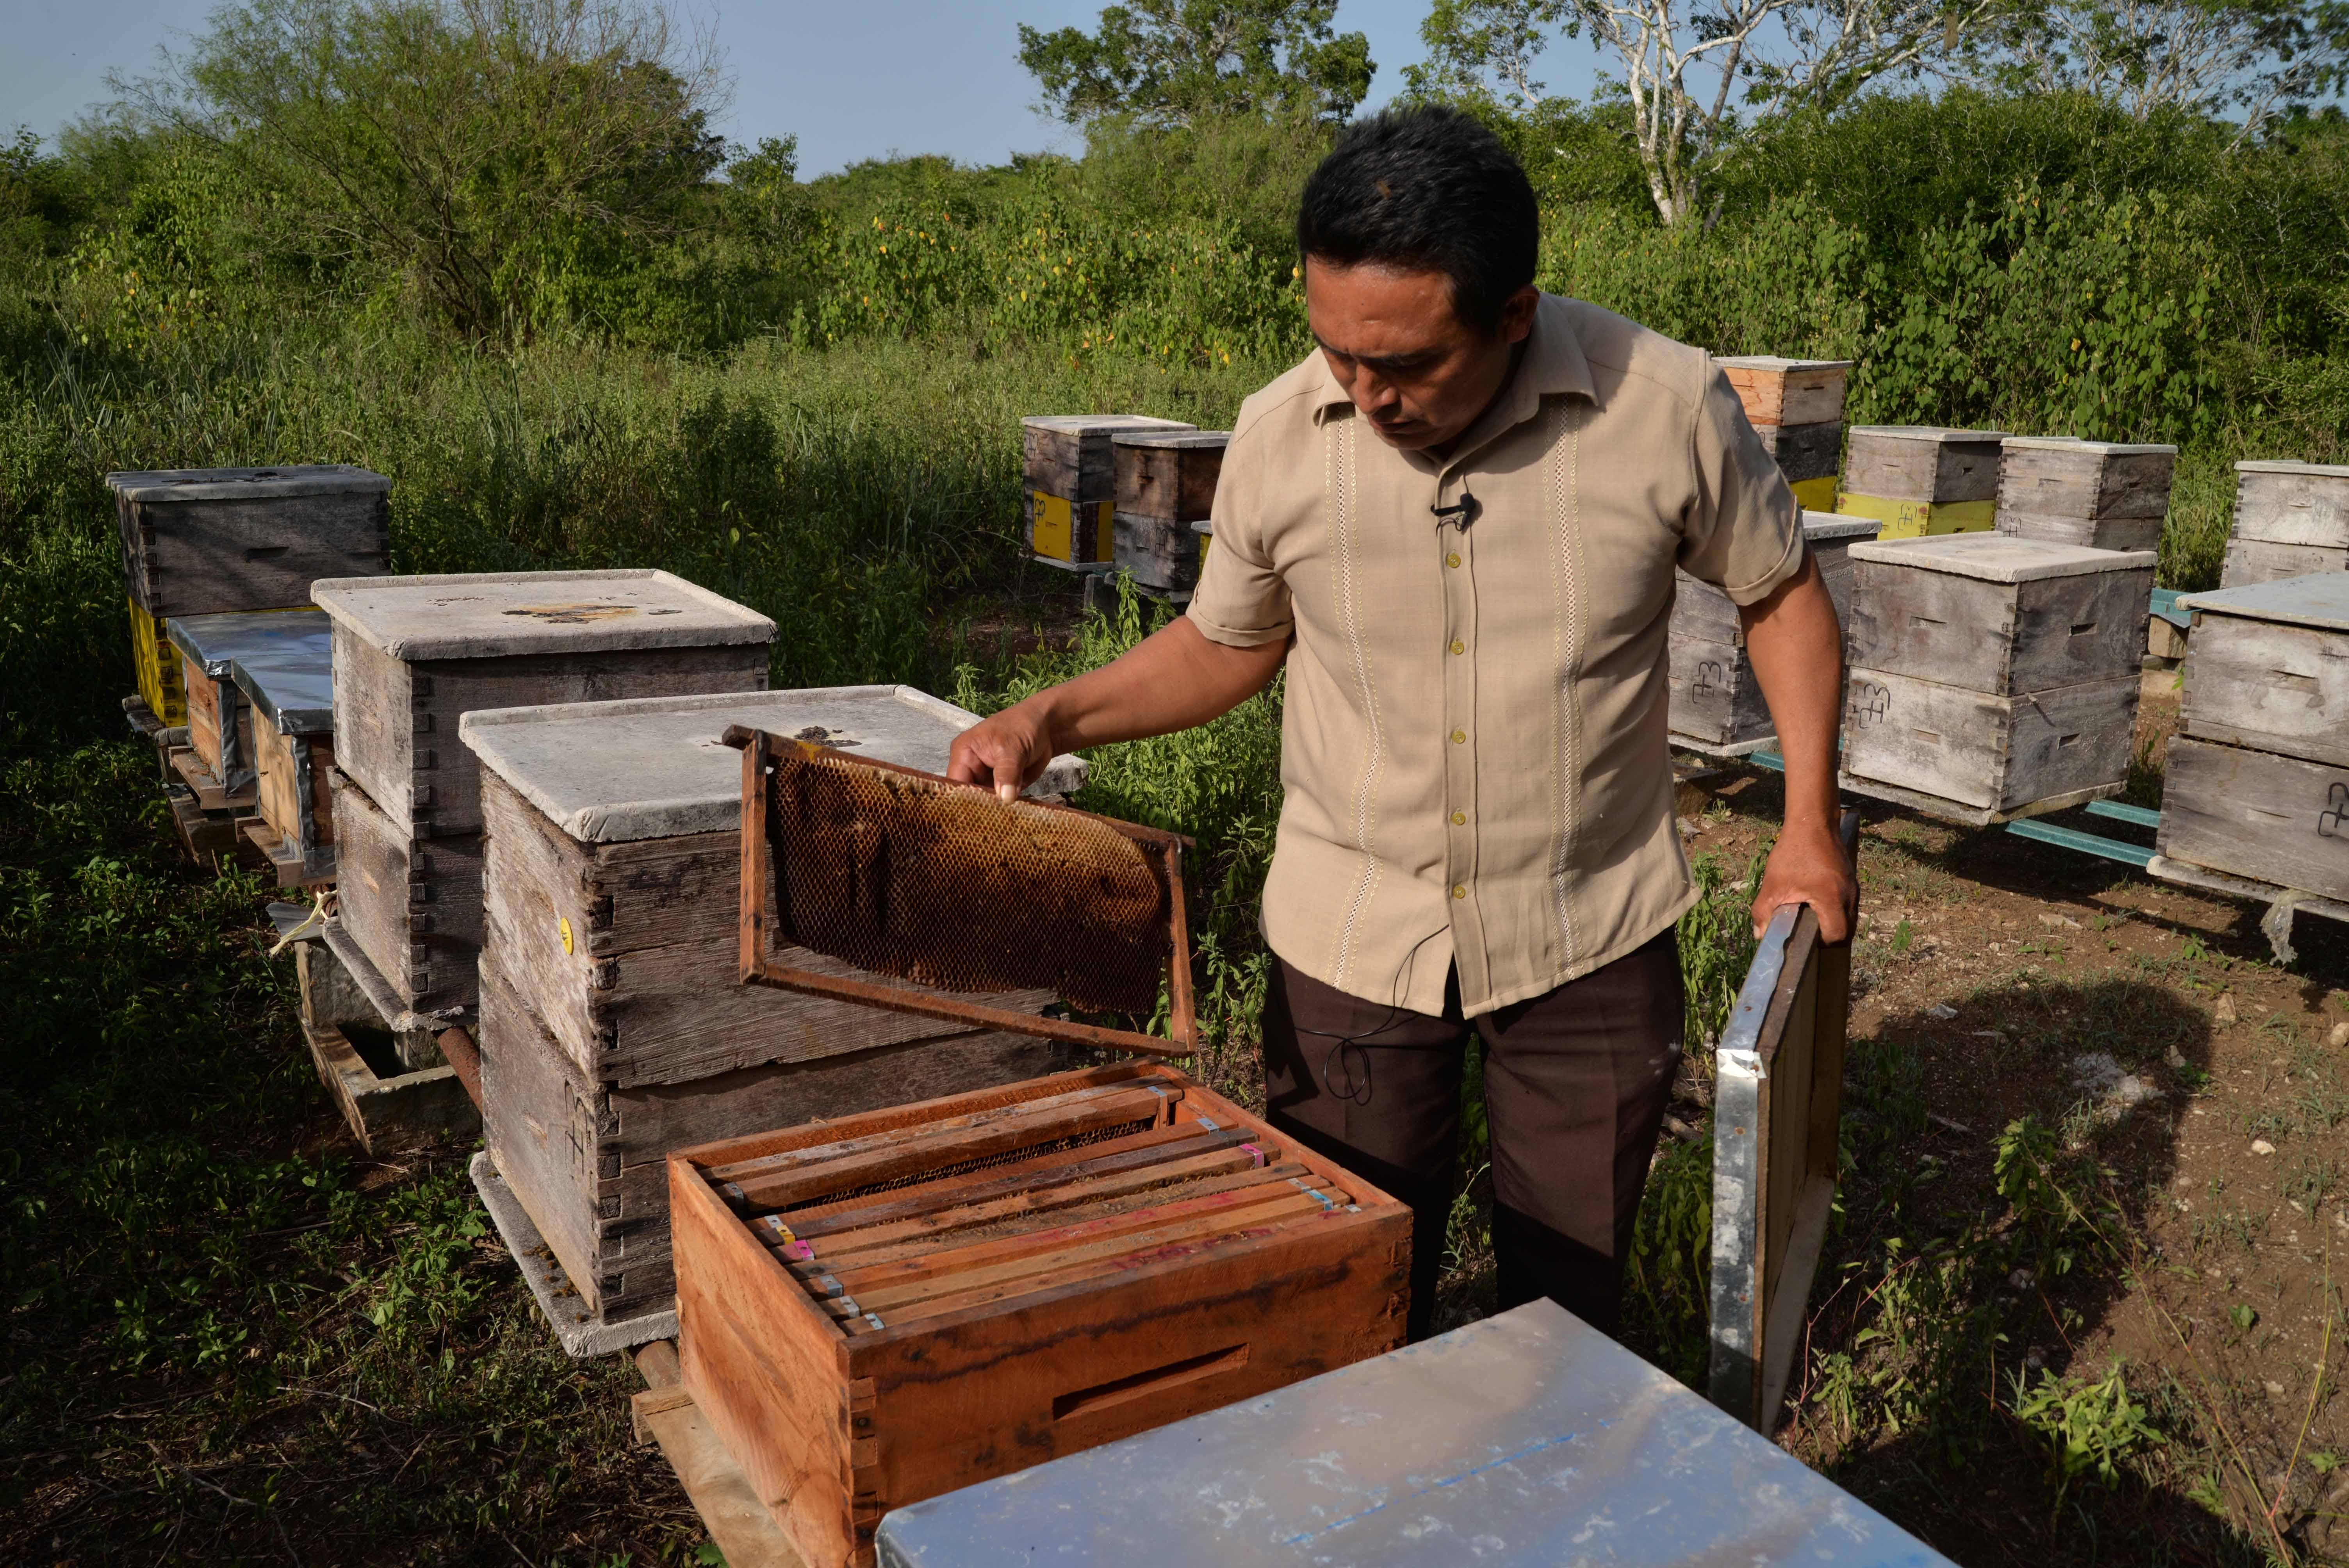 afectaciones colmena Dzonot - Delincuente Ecológico: abejas amenazadas 261018 - El Apicultor Español: Actitud y Aptitud Apícola